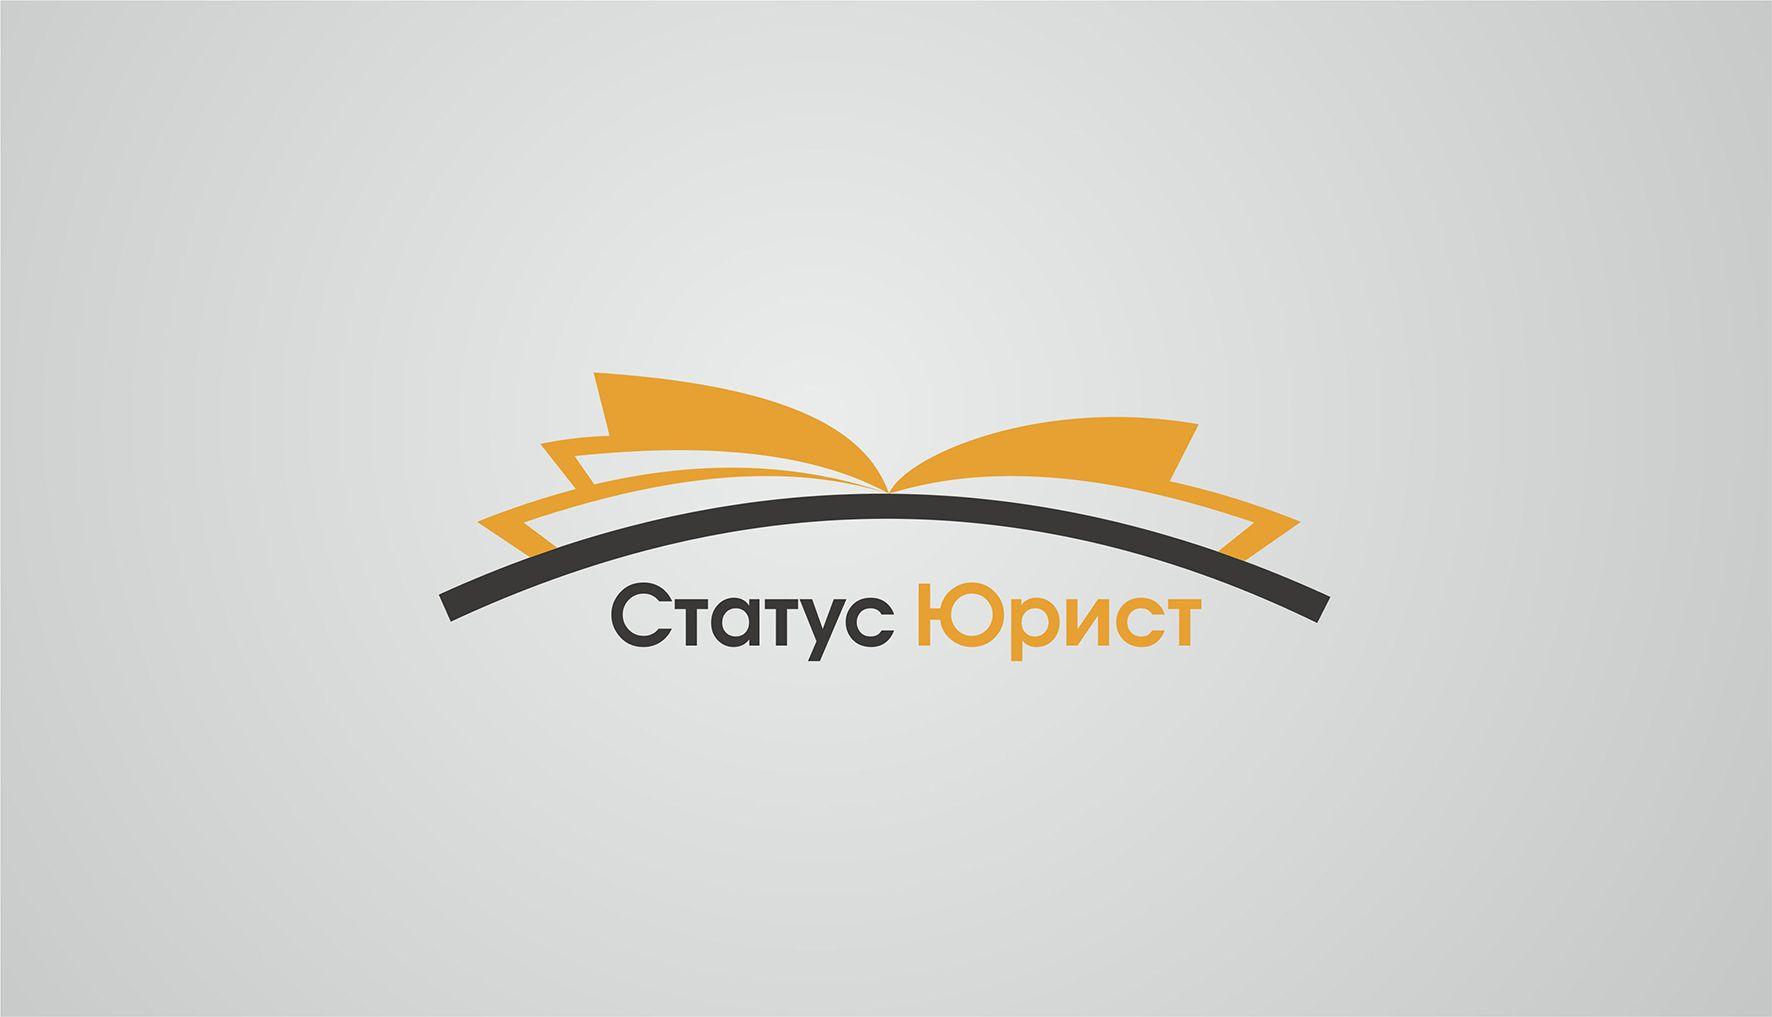 Логотип для Статус Юрист - дизайнер khamrajan